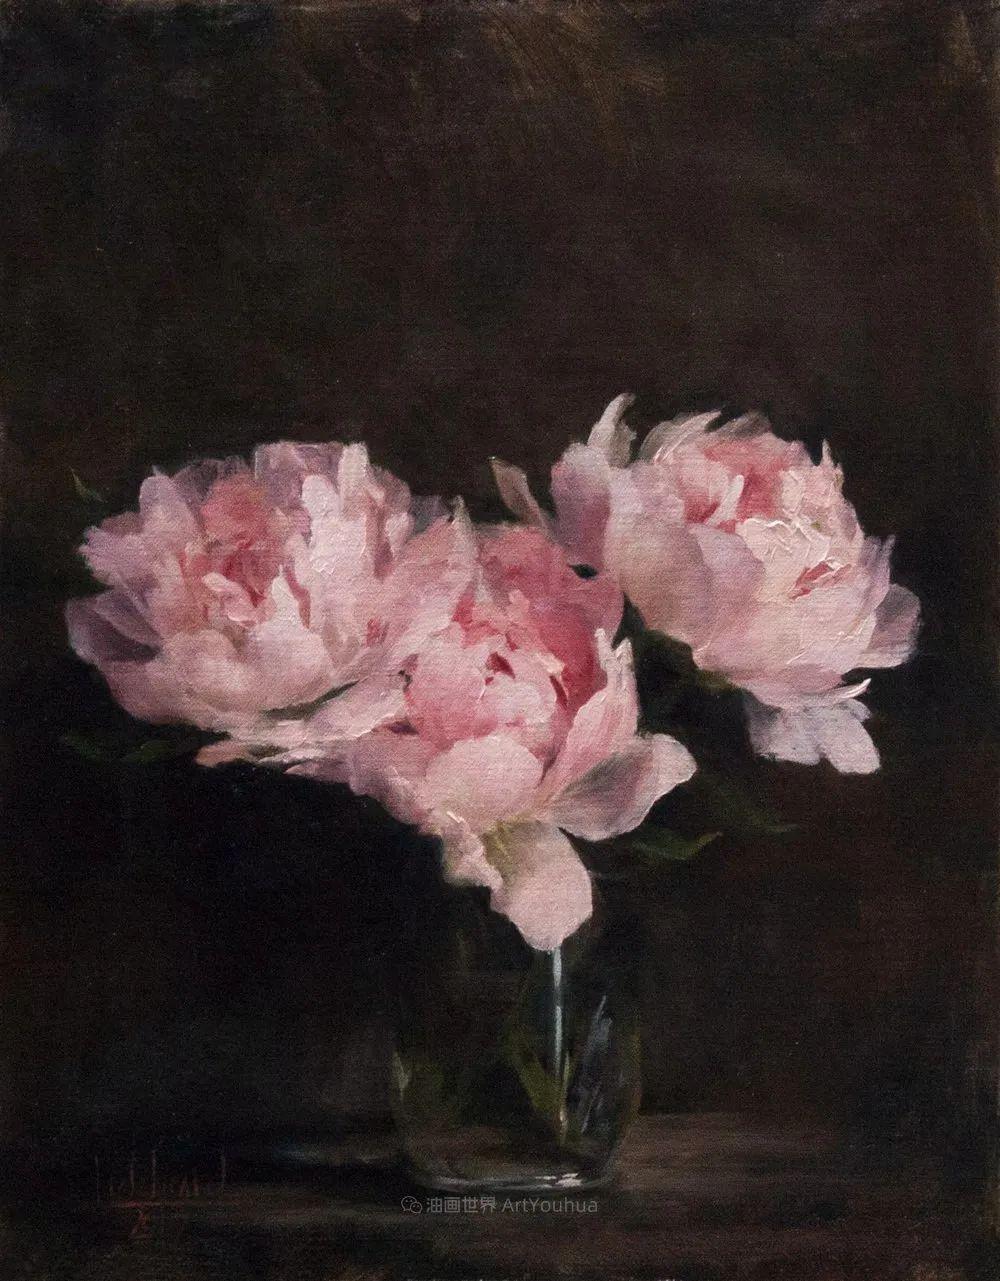 在平凡中寻找卓越,美国女画家凯蒂·利迪亚德插图45